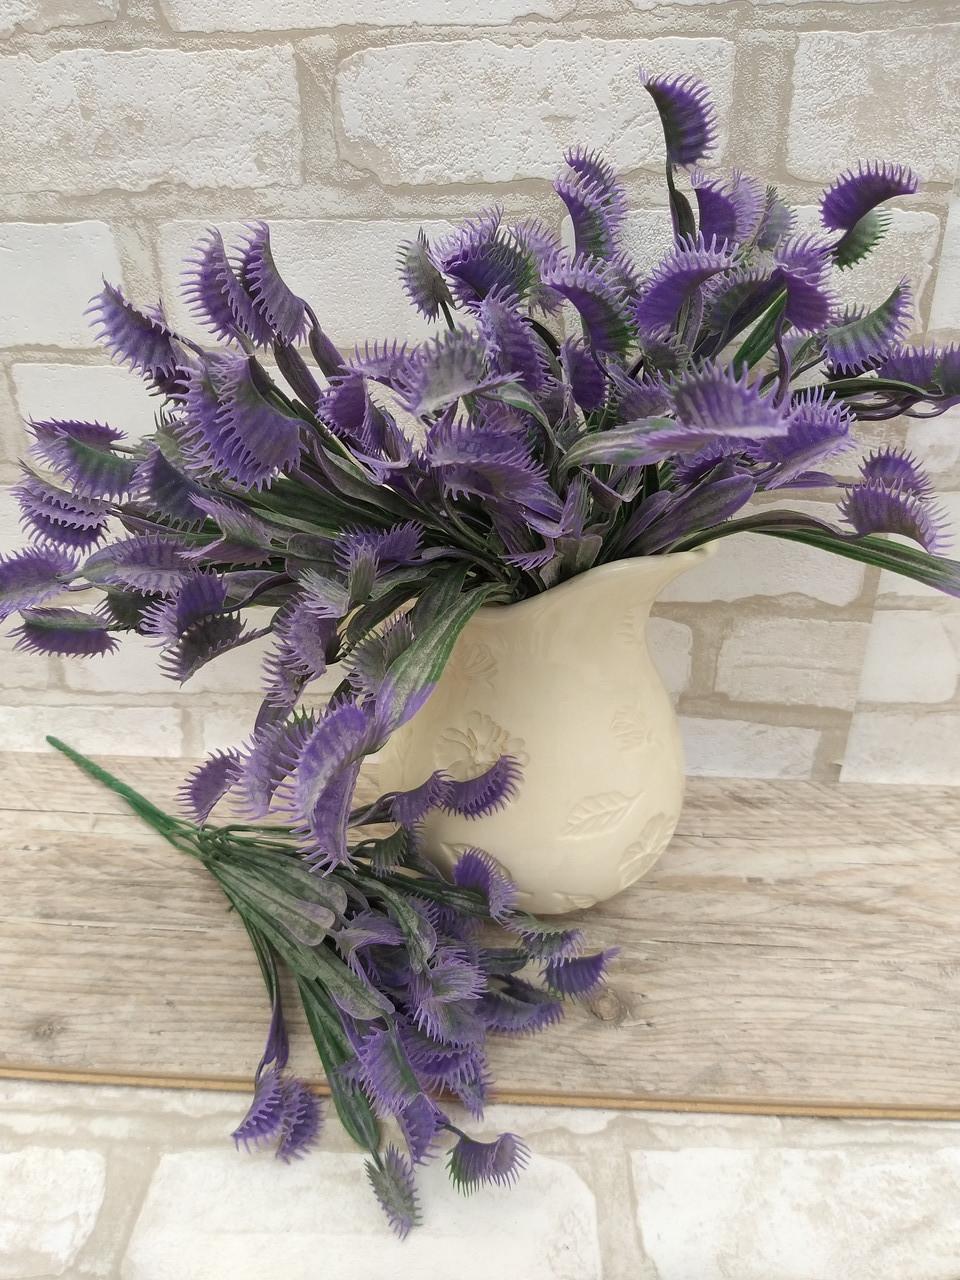 Мухоловка фіолетова, висота гілки 32 см, 40\35 (ціна за 1 шт. + 5 гр.)